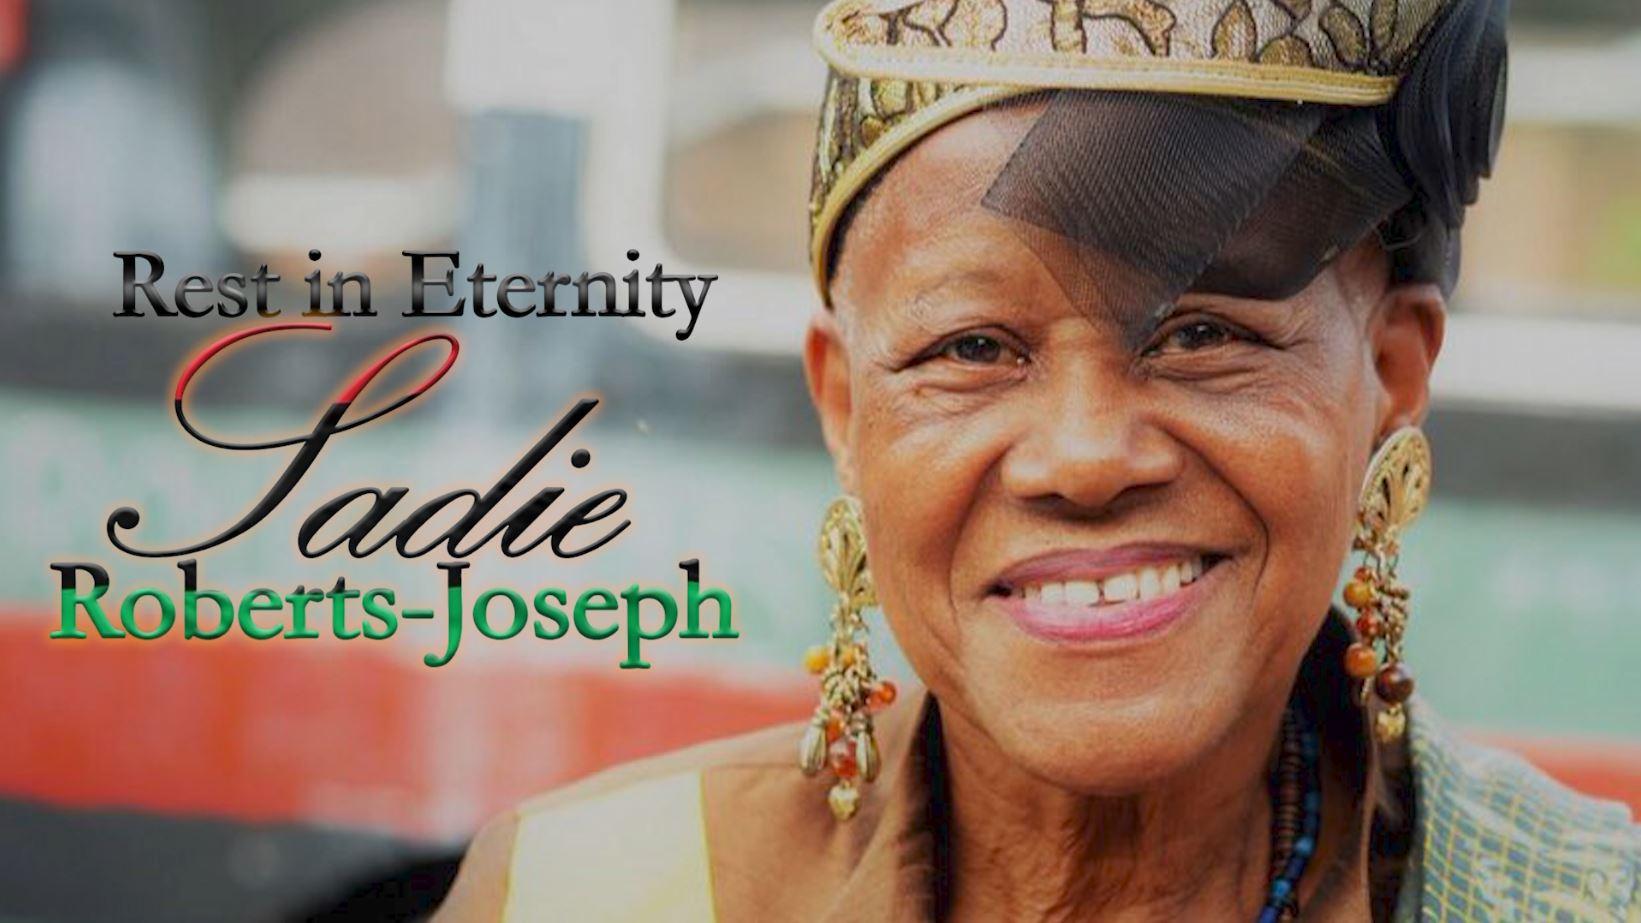 Sadie Roberts-Joseph